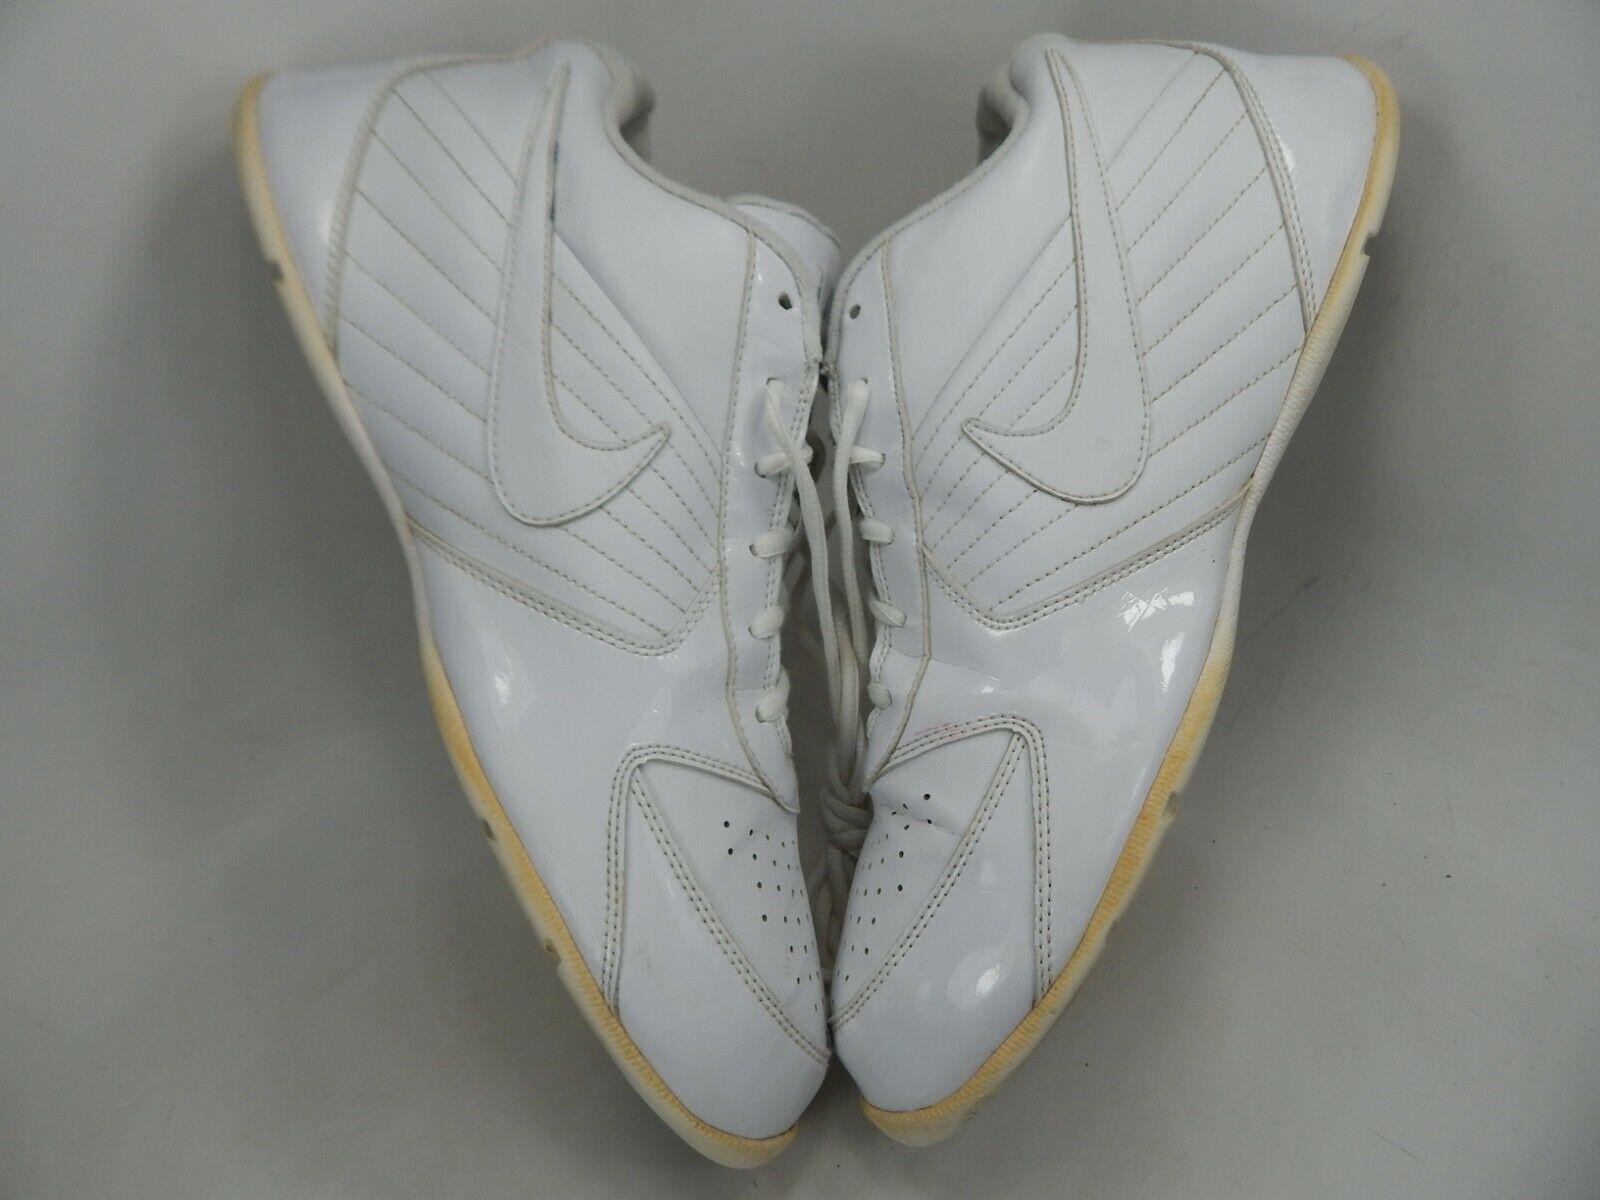 Nike Air Baseline Low Sz 12 M (D) EU 46 Men's Basketball Shoes White 386240-111